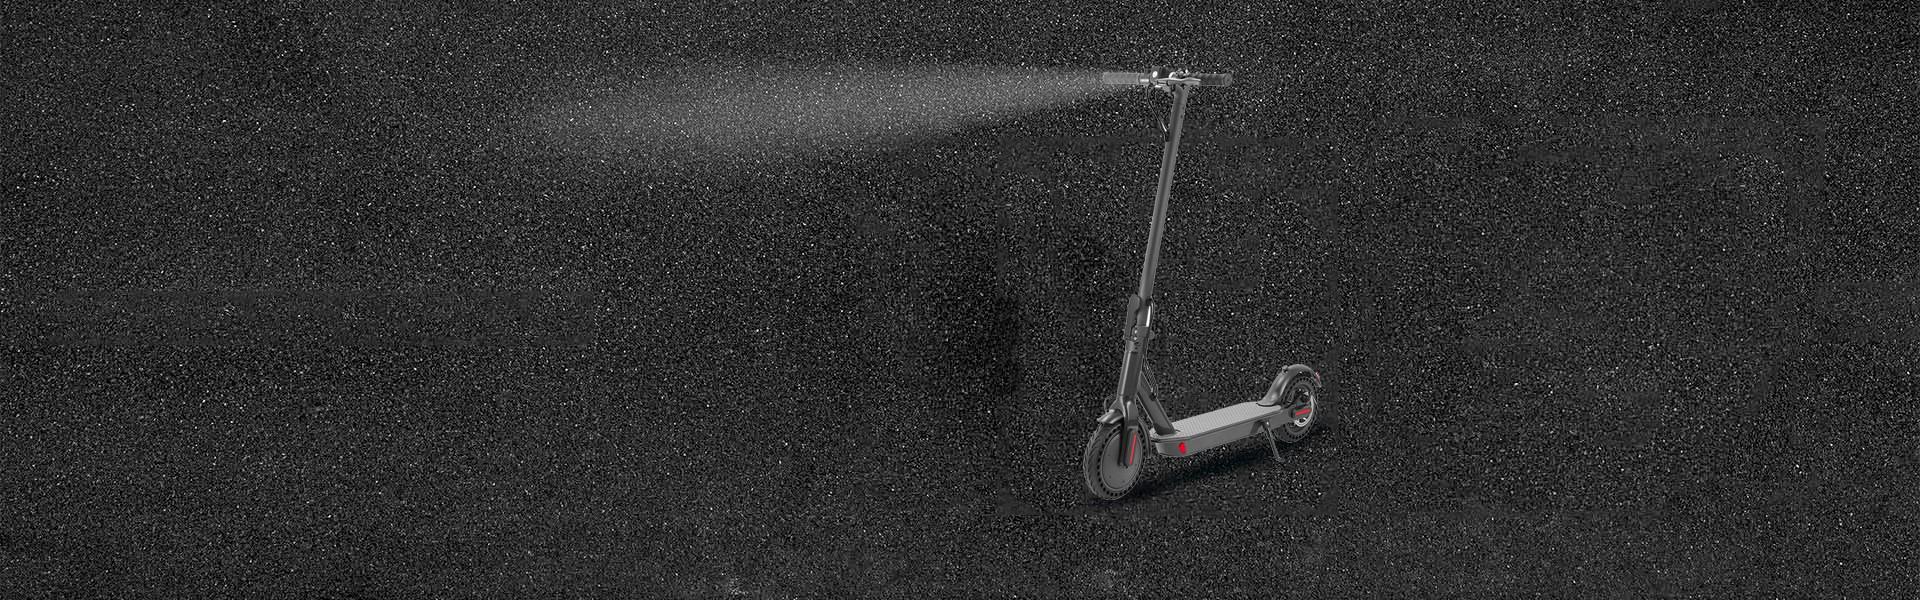 电动滑板车让你摆脱宅在家里的欲望